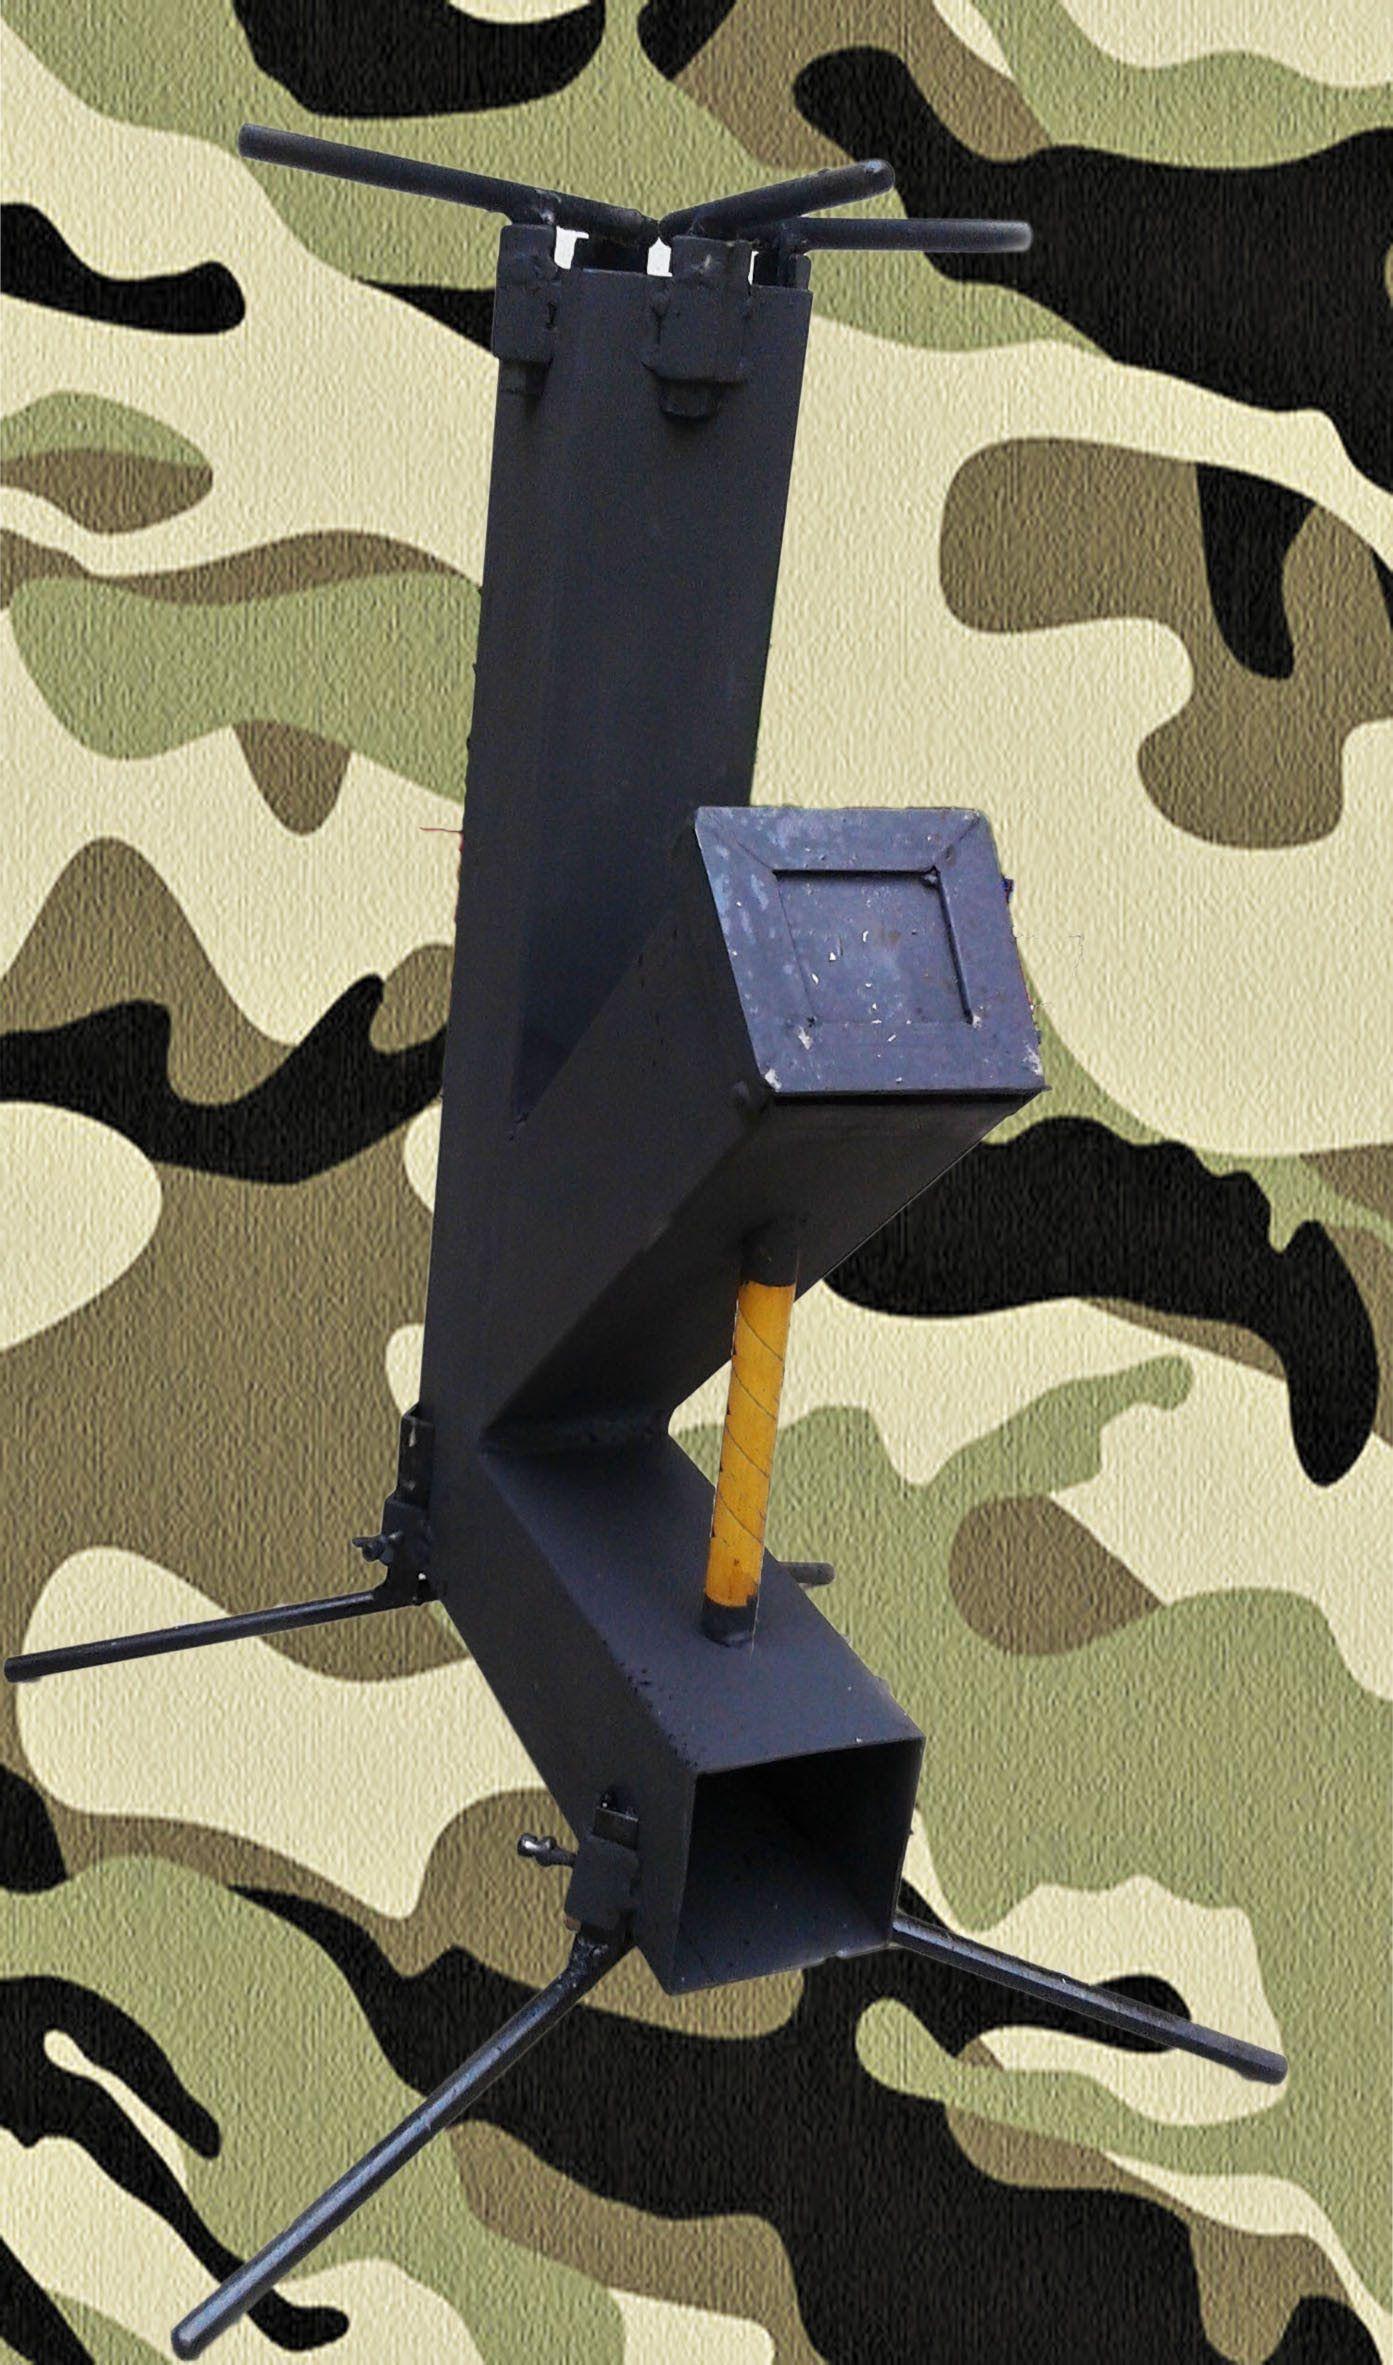 Cocina cohete transportable artesanal handmade rocket for Planos para fabricar una cocina cohete